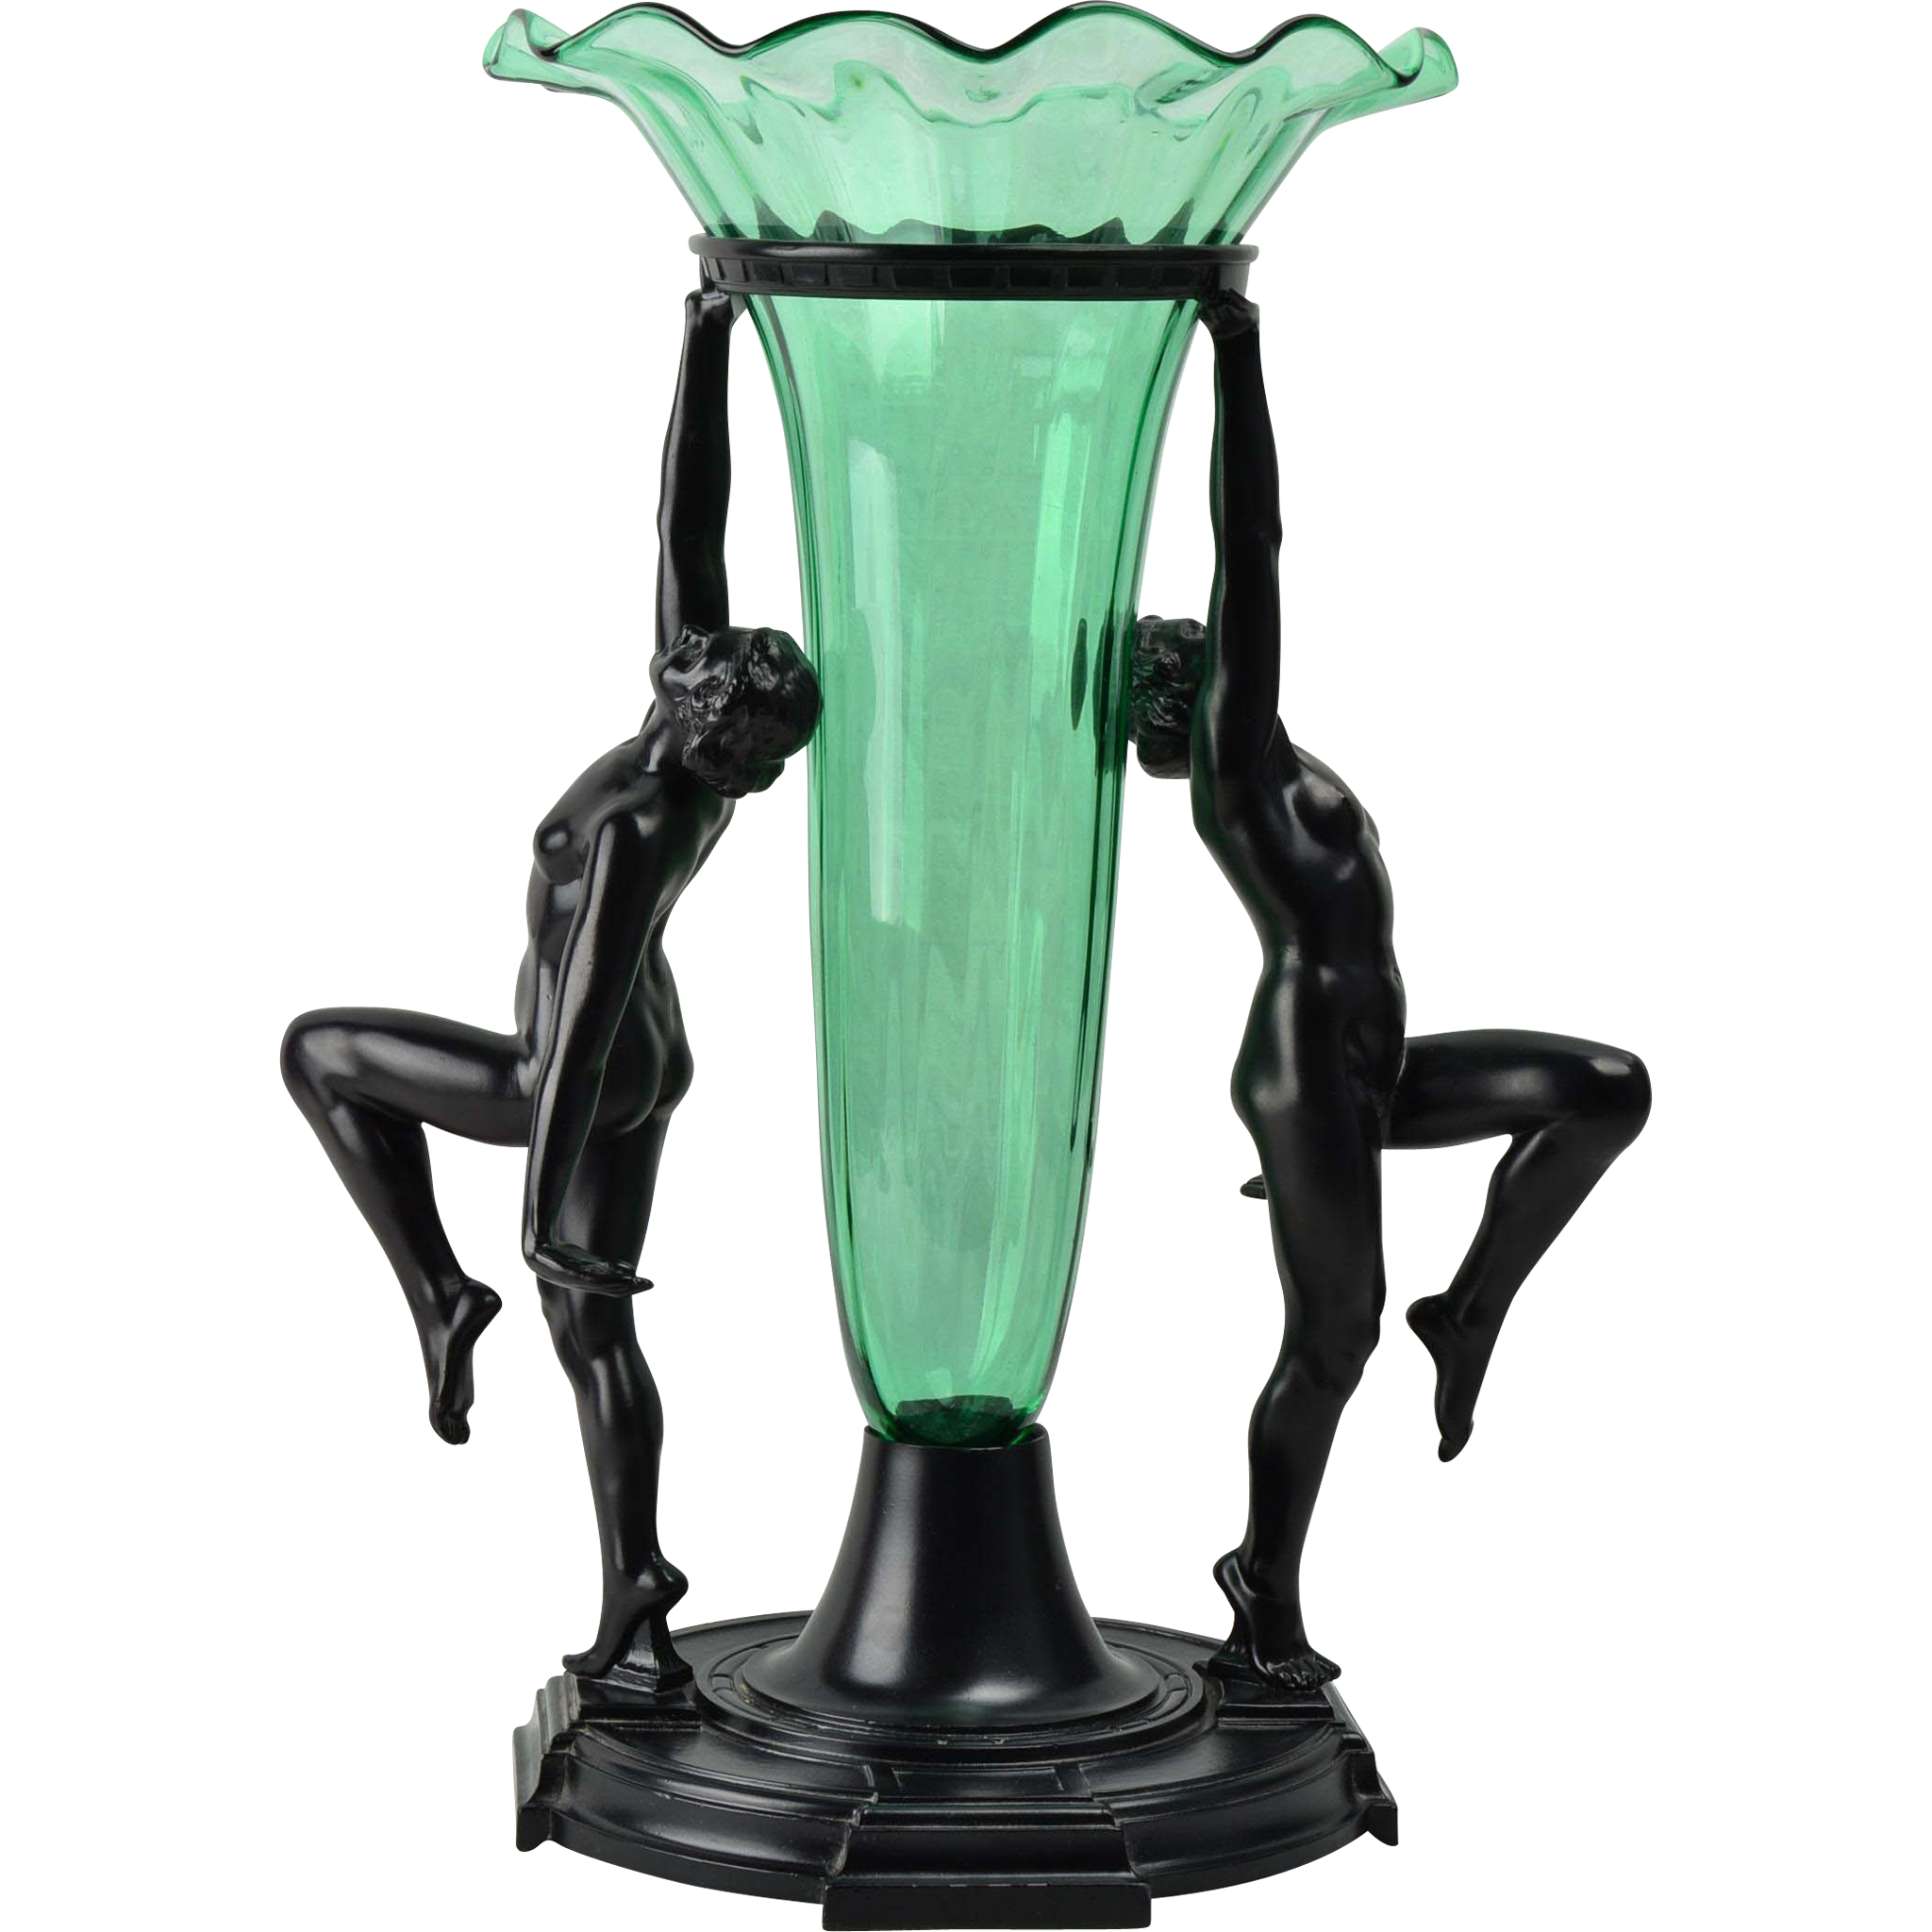 #VintageBeginsHere at www.rubylane.com @rubylanecom --Steuben Glass 1928 Nile Green #1192 Vase inset Bronze 2 Nudes Rehberger